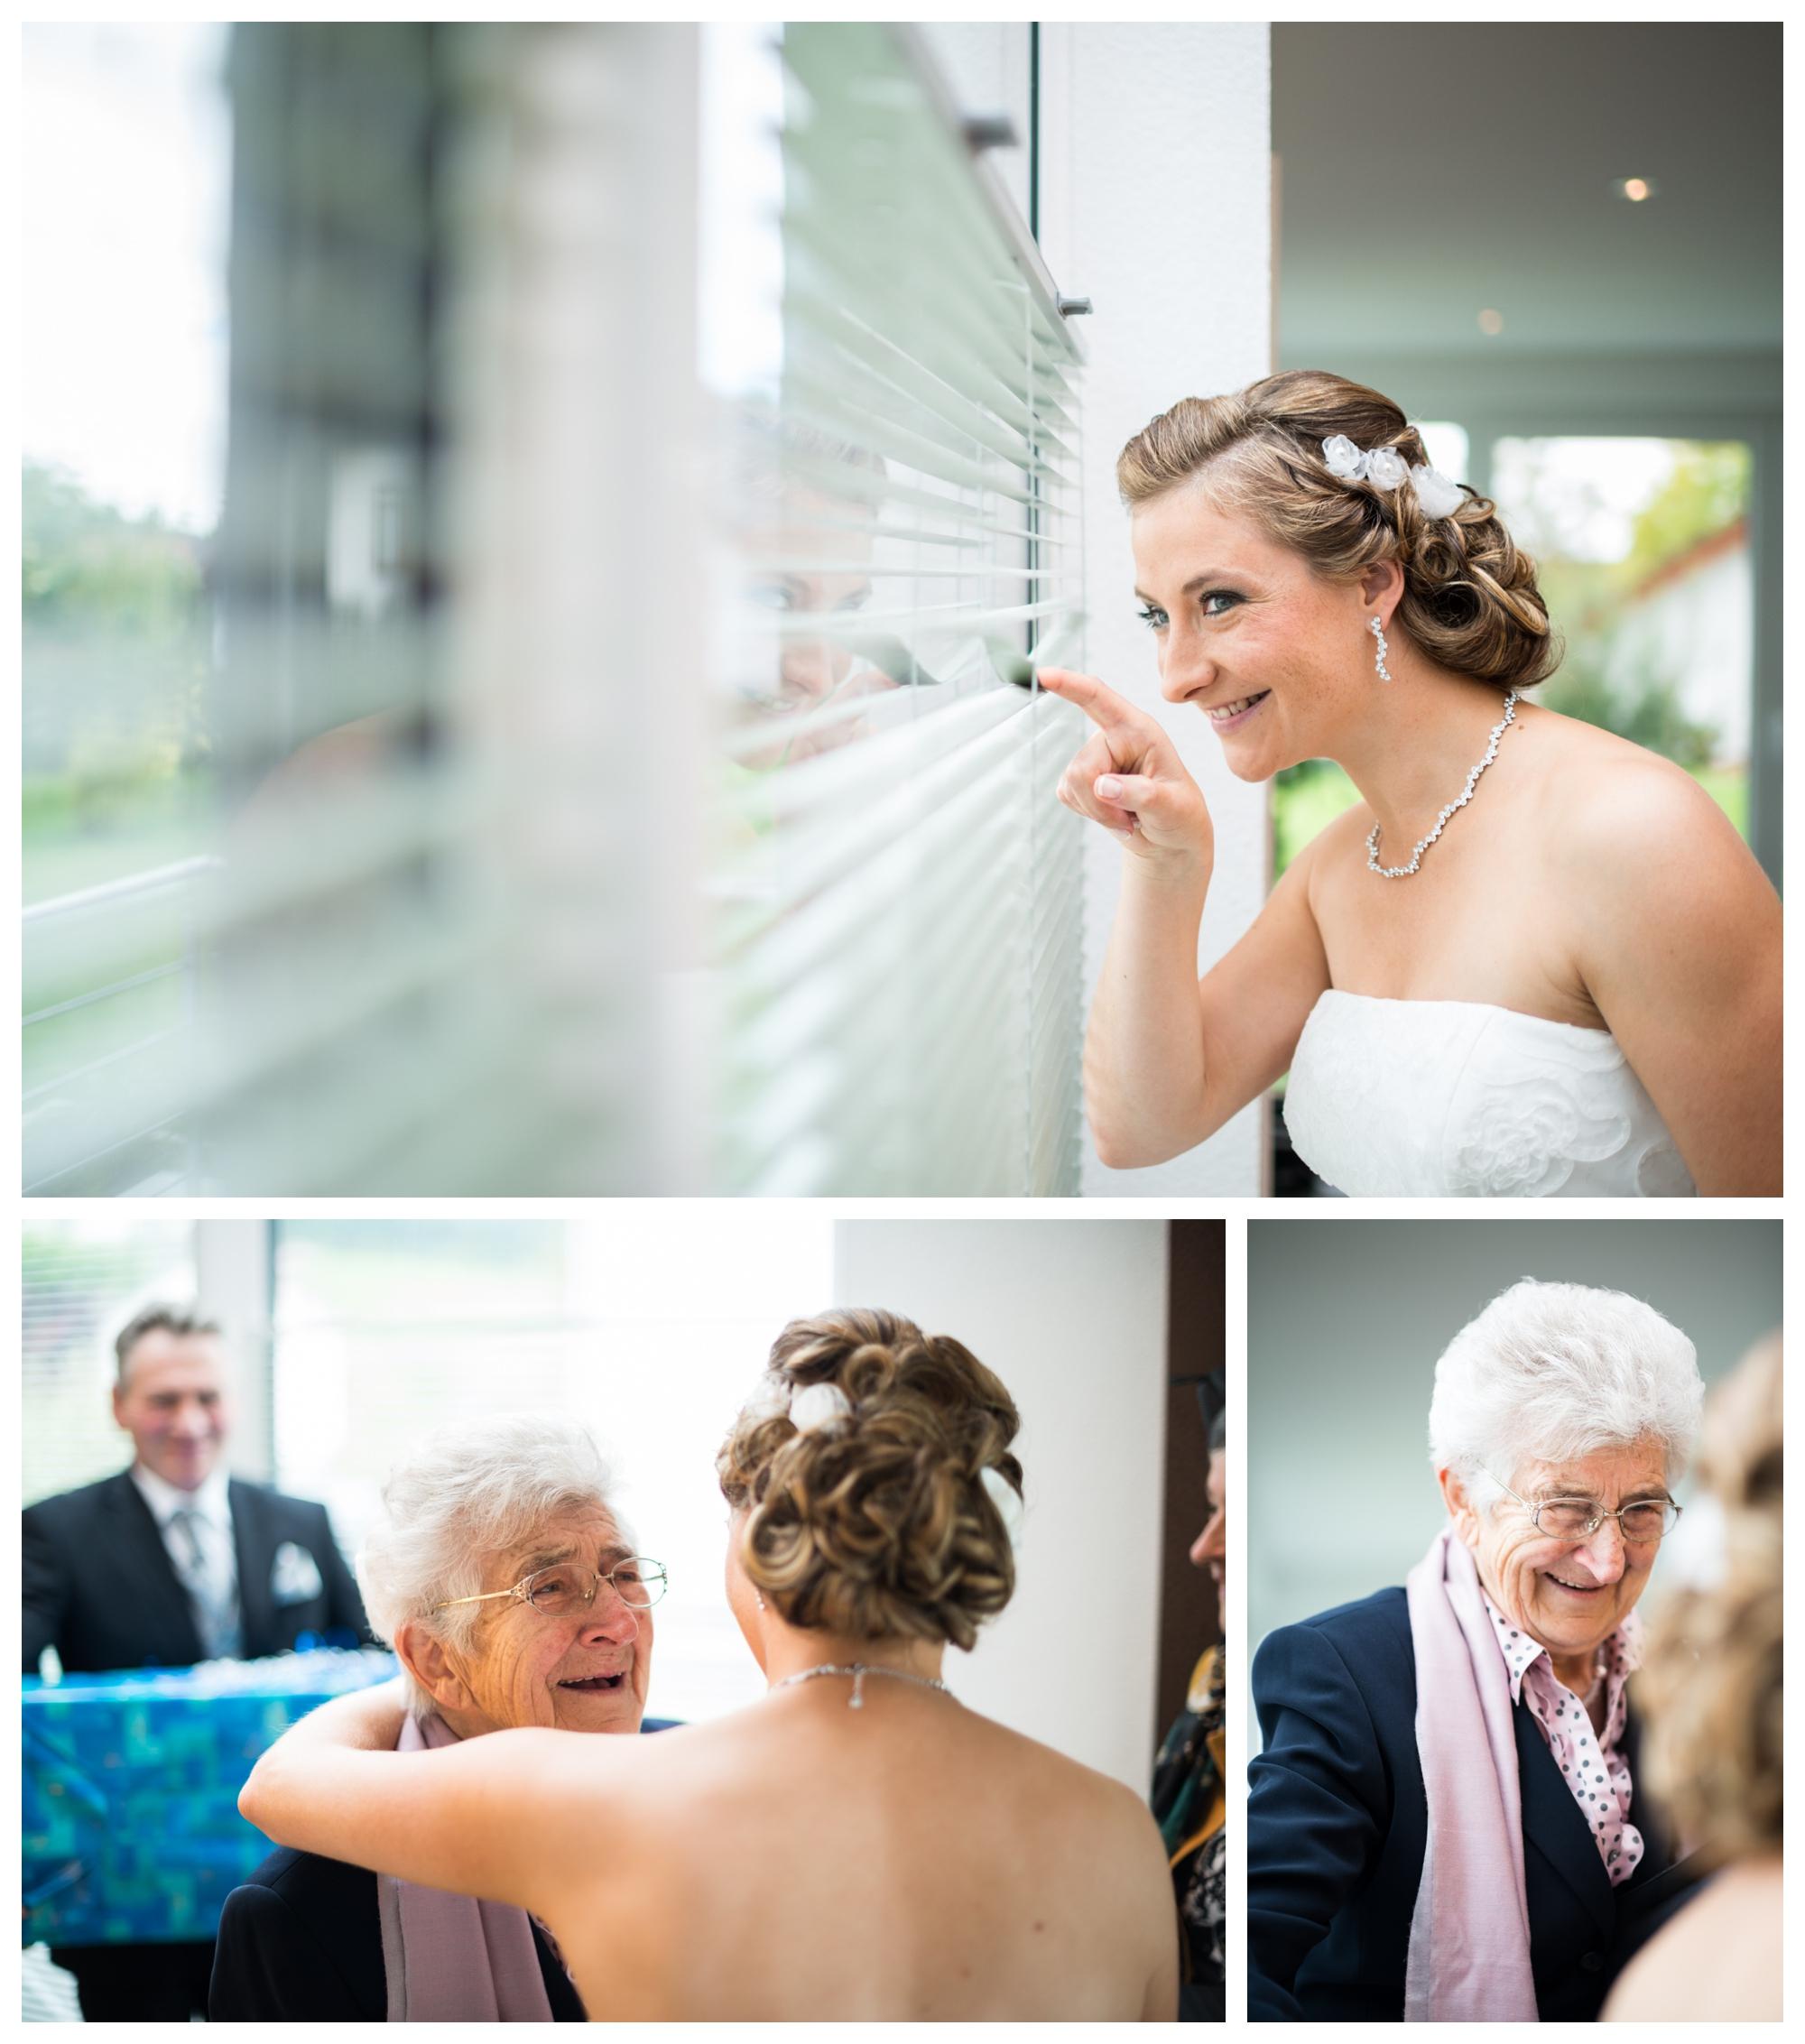 Fotograf Konstanz - 2013 12 08 0004 - Als Hochzeitsfotograf in Bad Dürrheim unterwegs  - 7 -